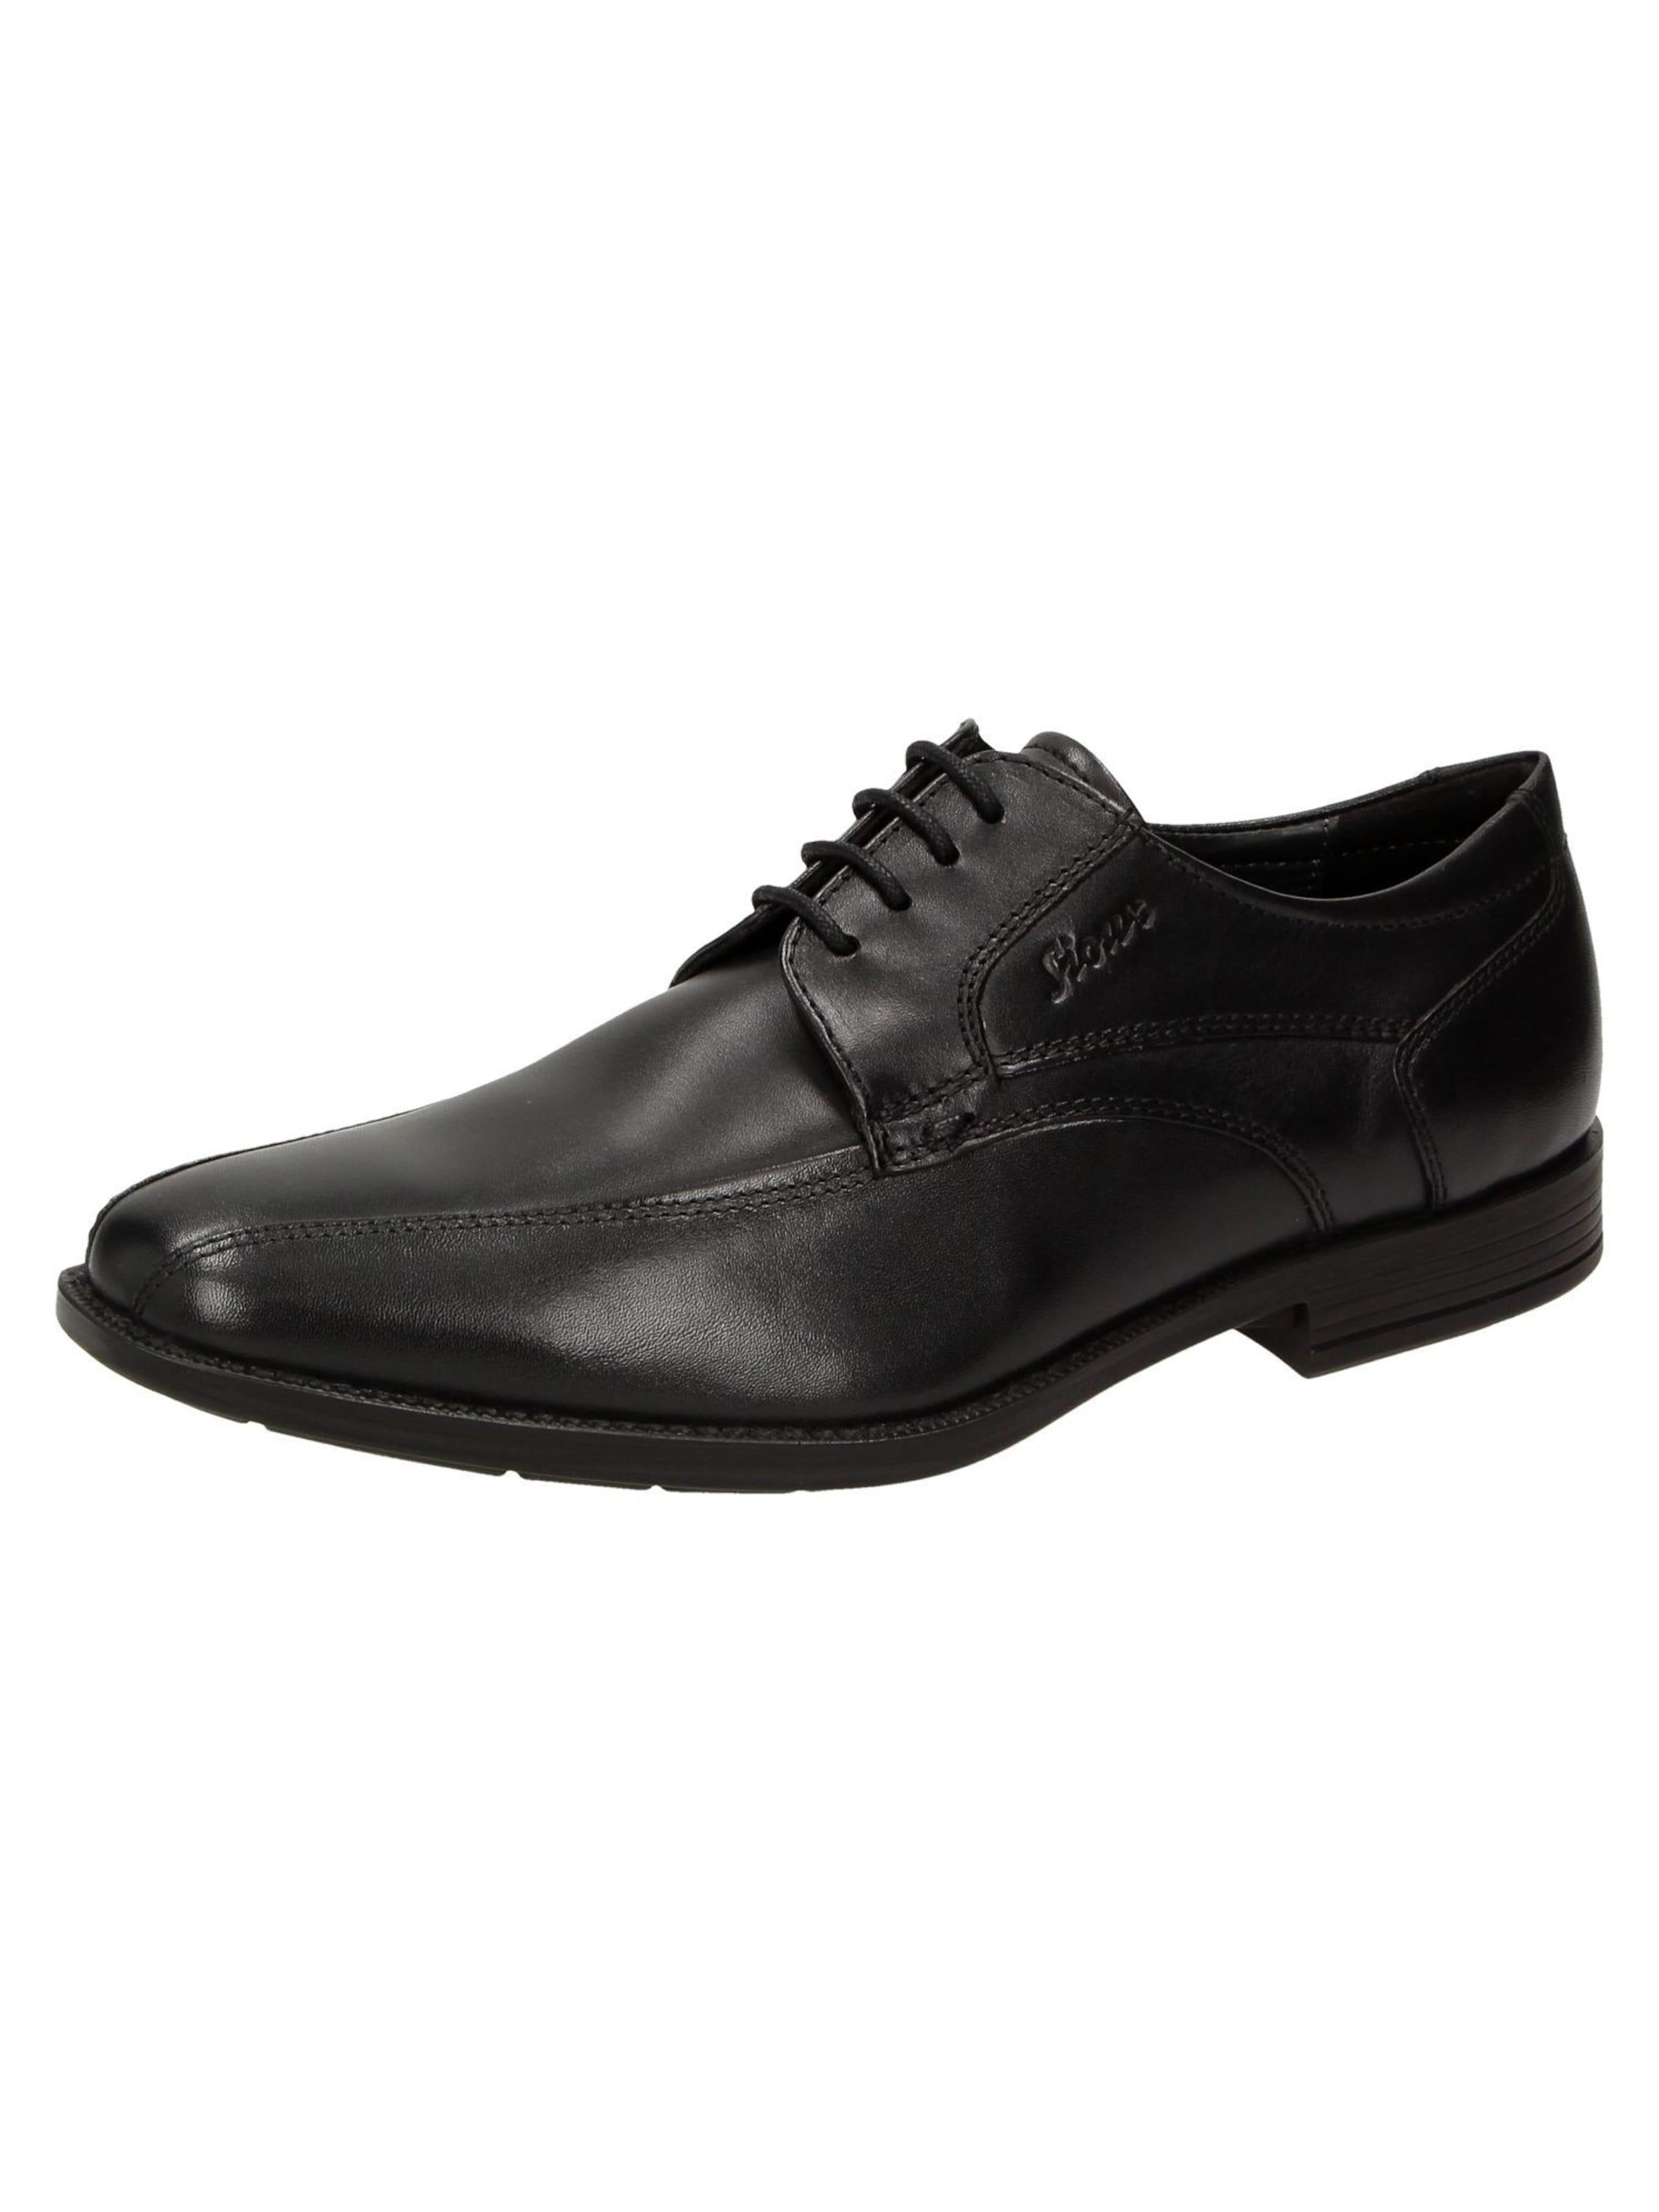 SIOUX Schnürschuh Kallon Verschleißfeste billige Schuhe